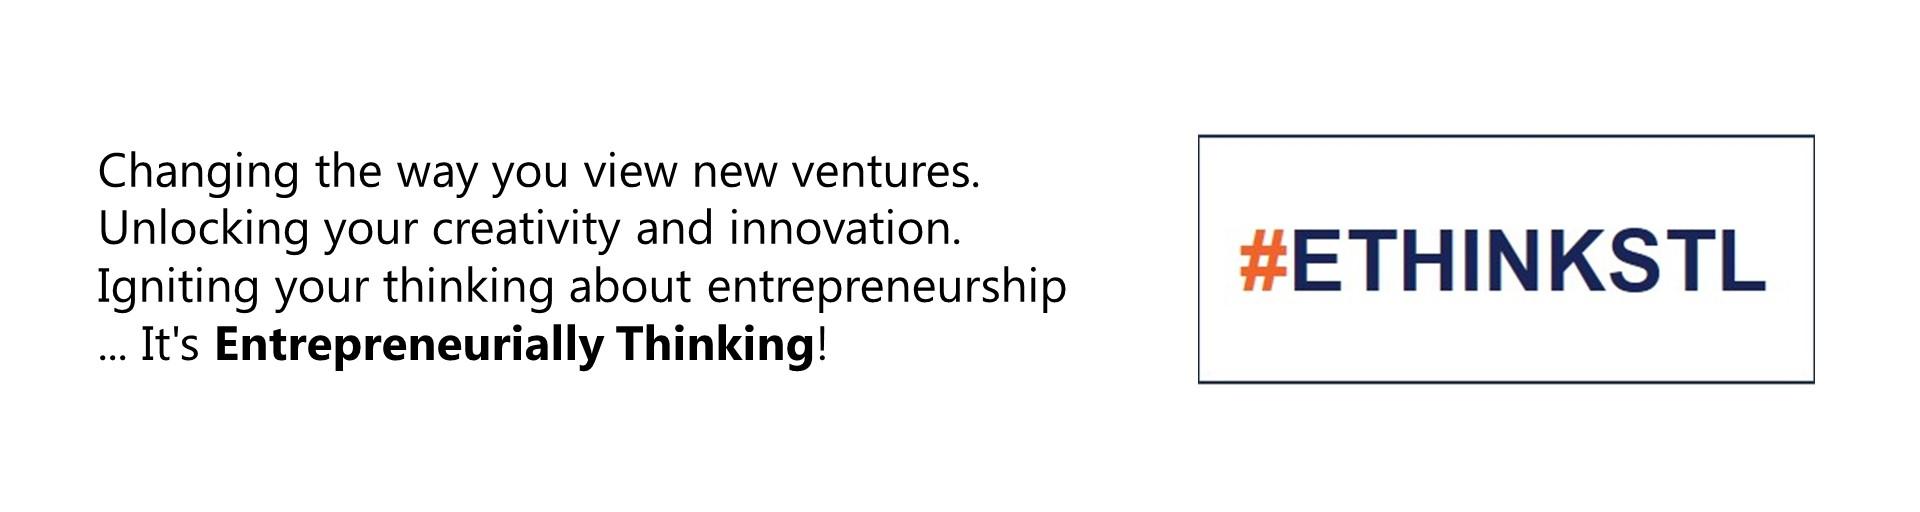 Entrepreneurially Thinking